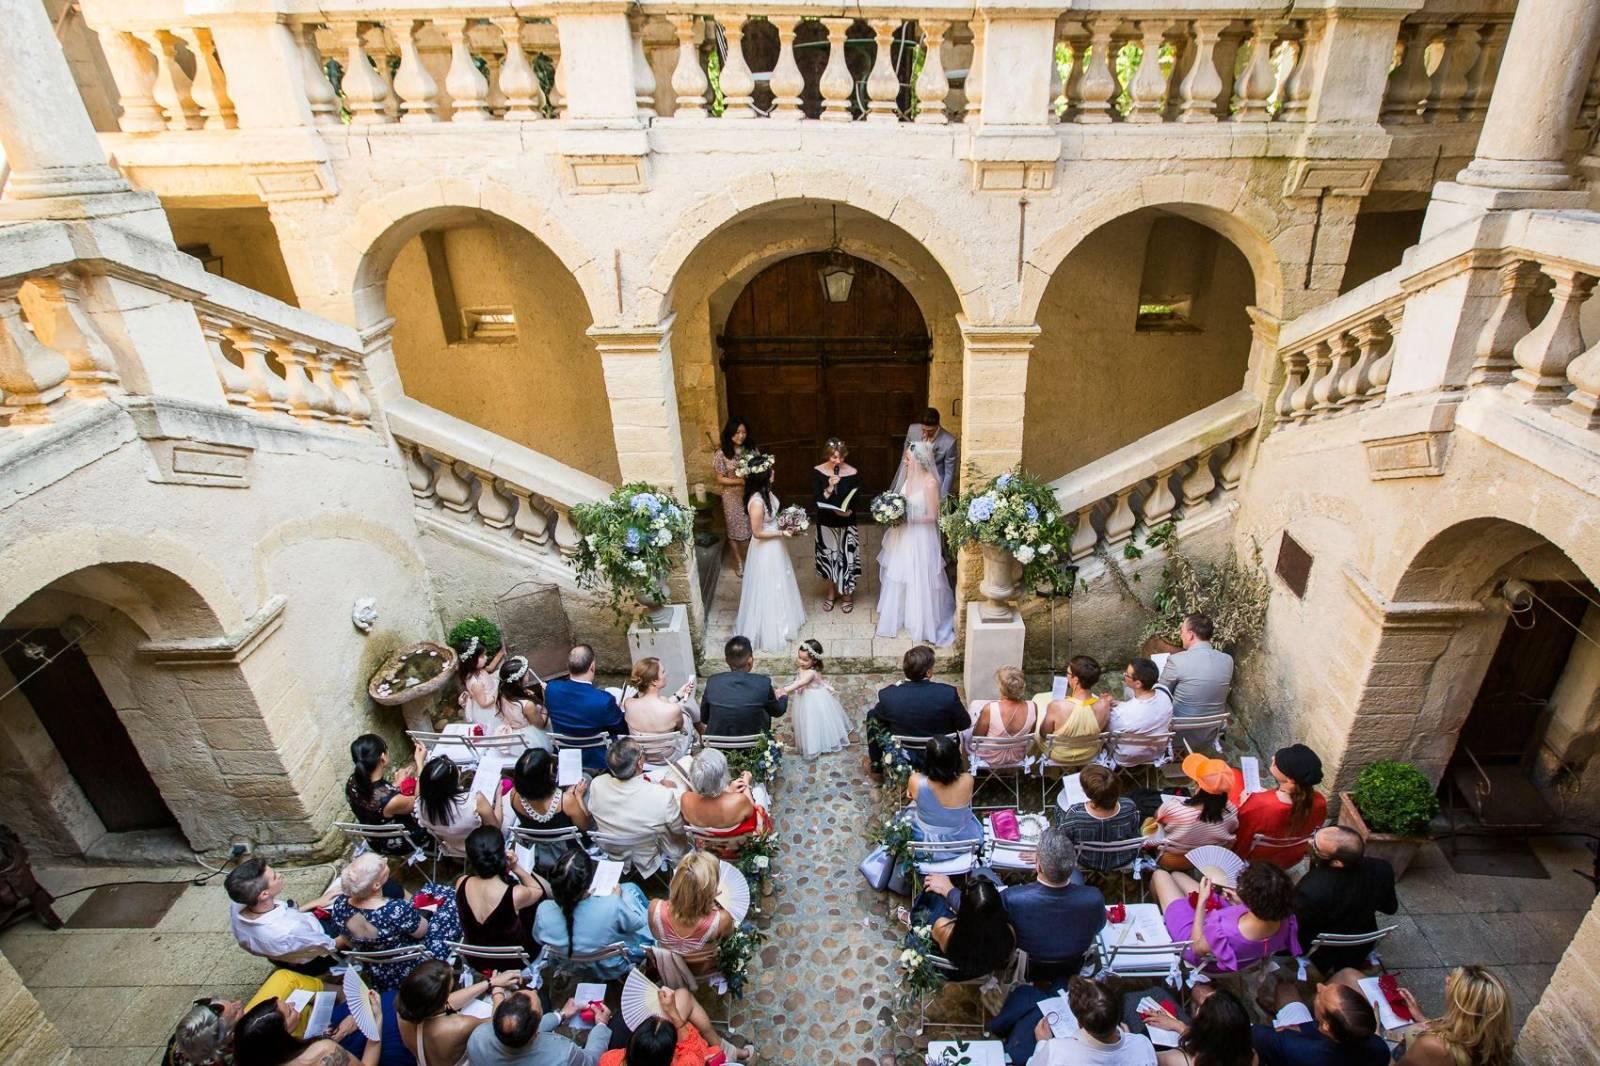 Cinderella Photographie - Trouwen in frankrijk - Huwelijksfotograaf - Trouwfotograaf - House of Weddings - 26